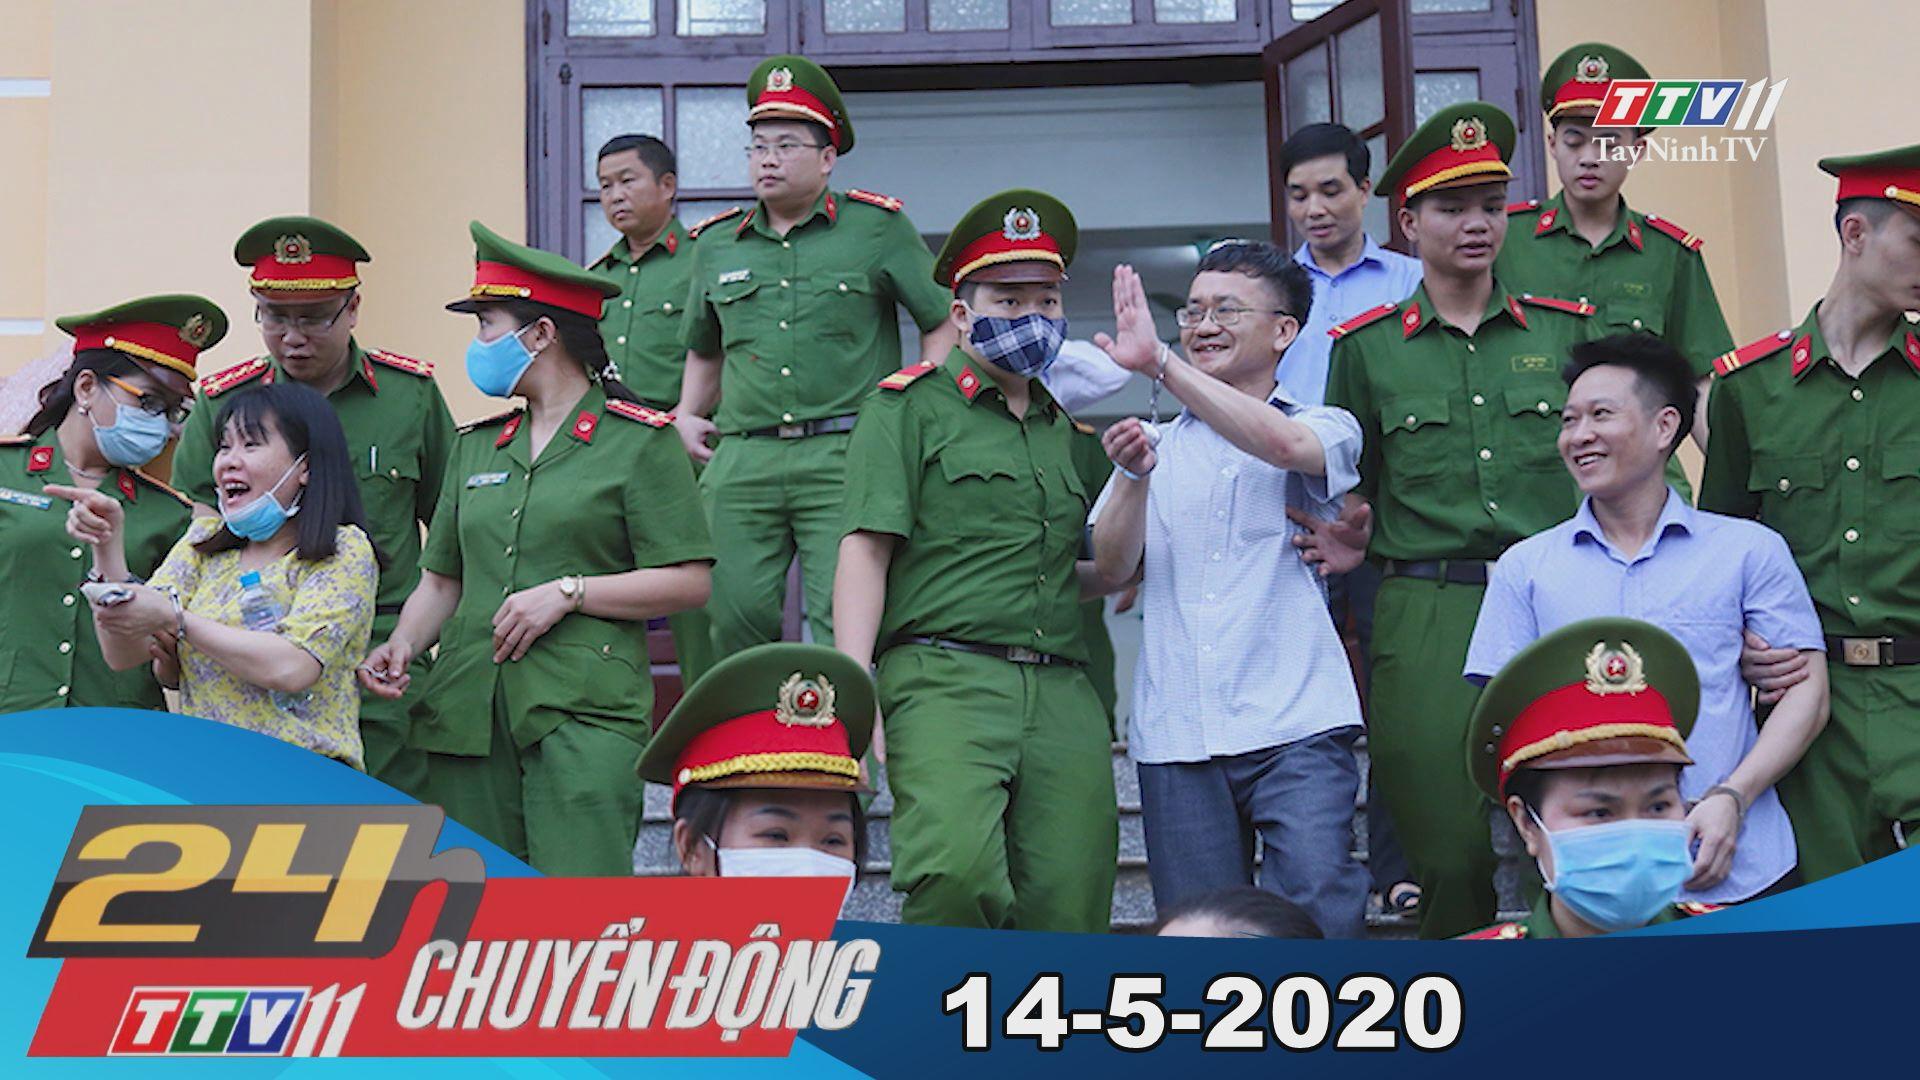 24h Chuyển động 14-5-2020 | Tin tức hôm nay | TayNinhTV